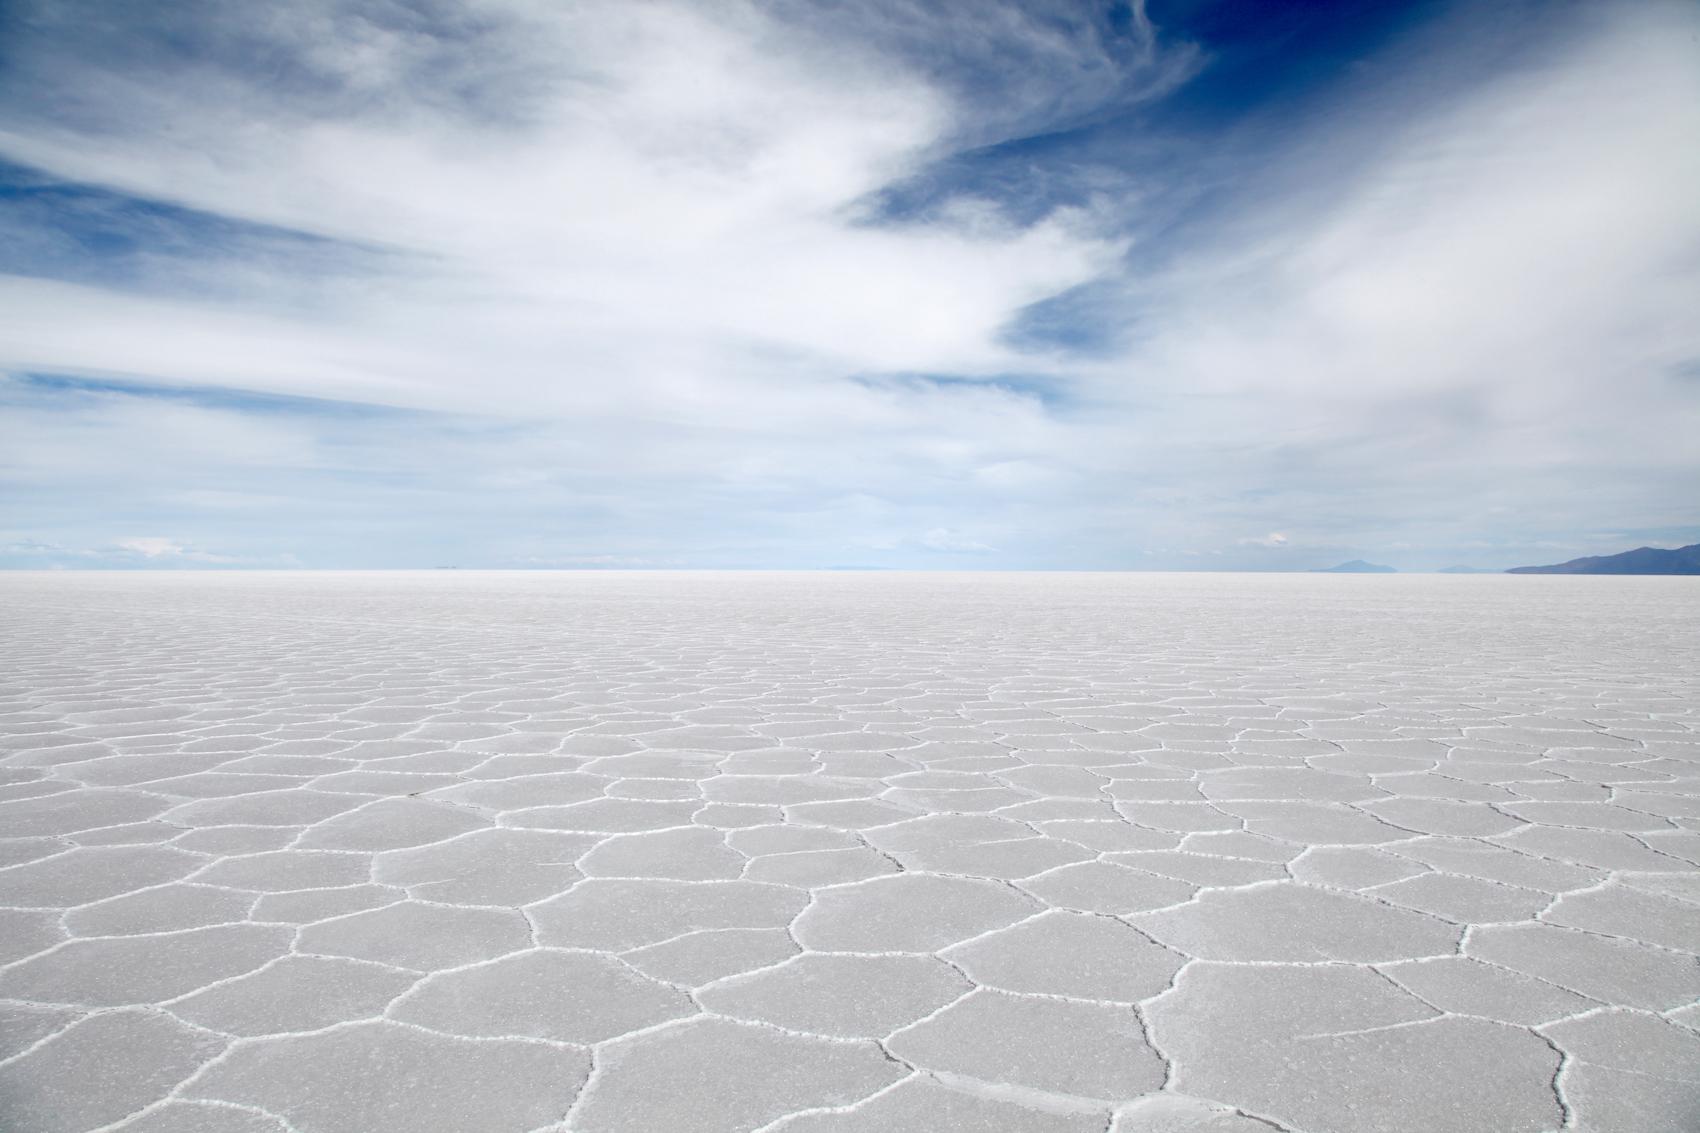 Hier schlummern die weltweit grössten Lithium-Reserven: Der Salzsee Salar de Uyuni in Bolivien (FOTO: GETTY).